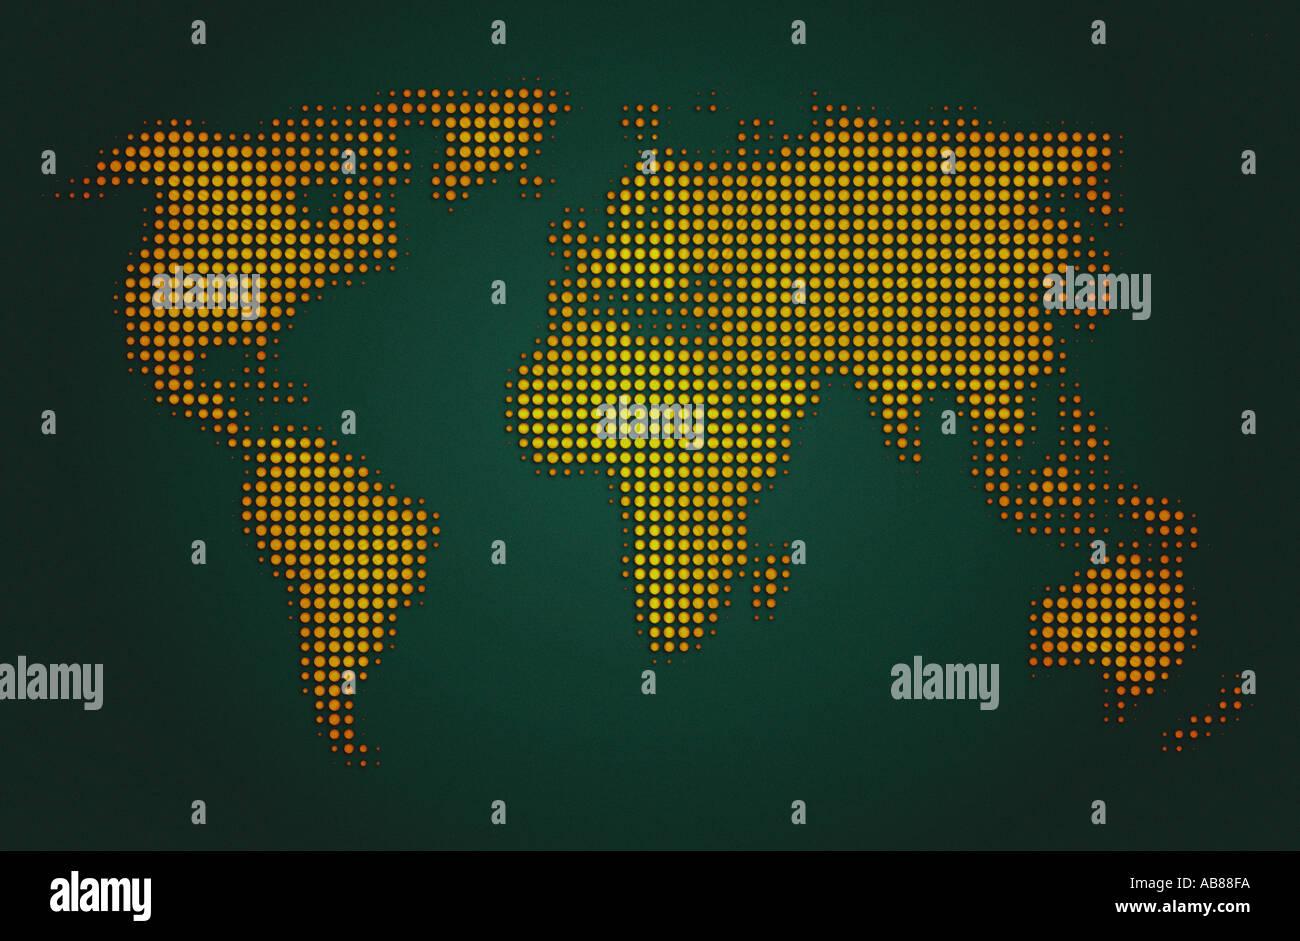 Electronic world map - Stock Image